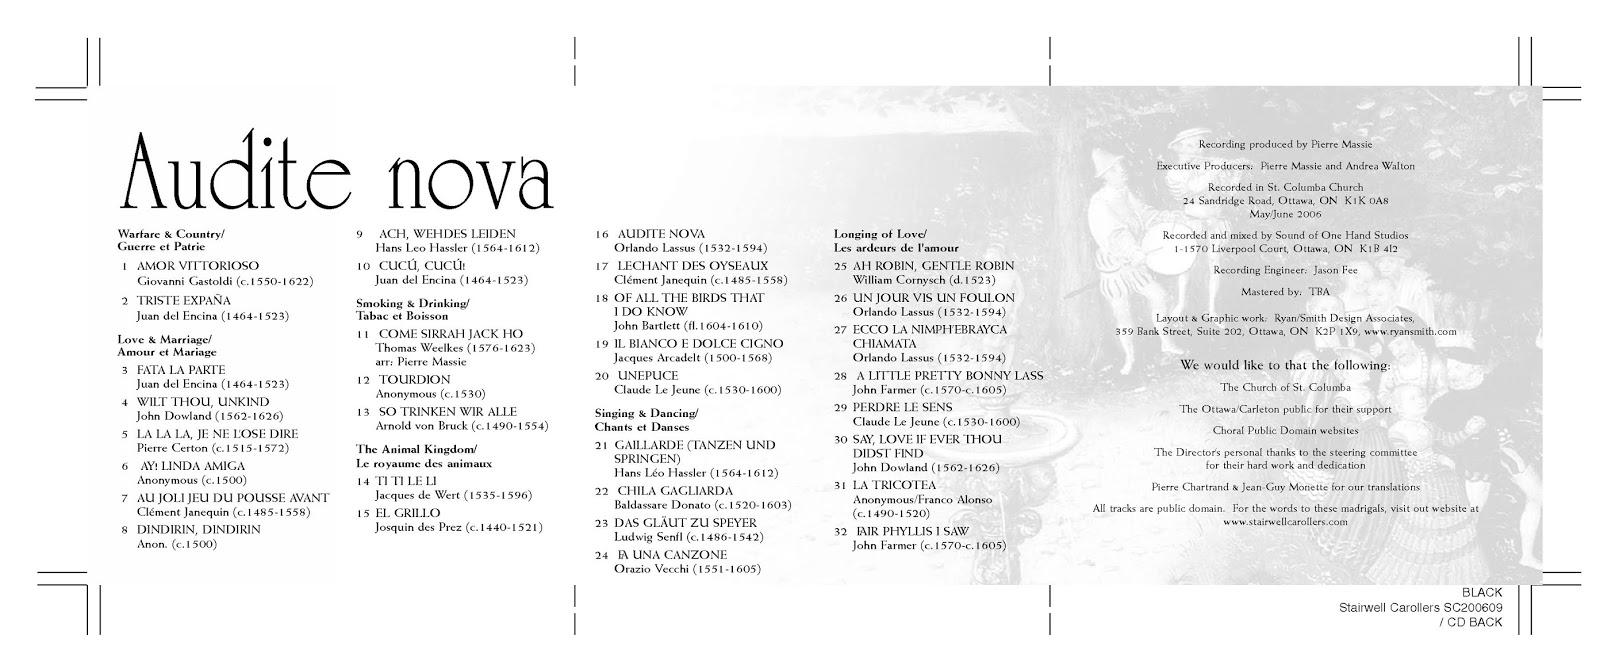 Stairwell Carollers Audite Nova Madrigal CD back Cover